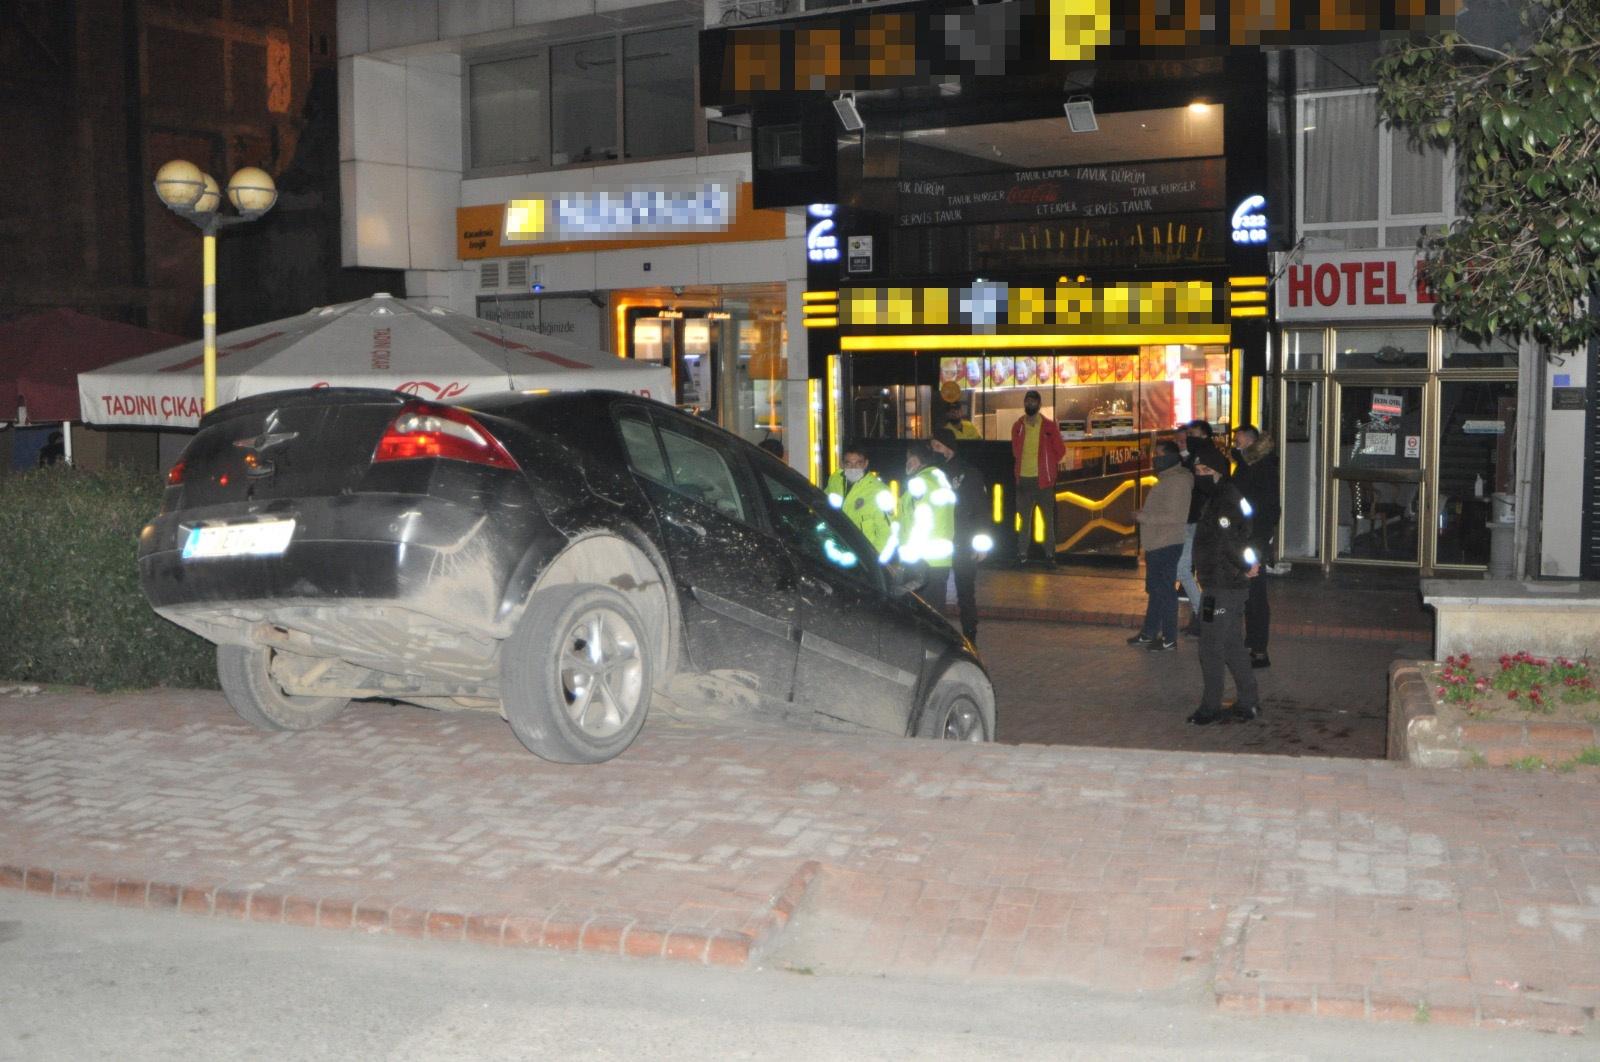 Kaza yapan iki arkadaş, hiçbir şey olmamış gibi restoranda yemek yedi